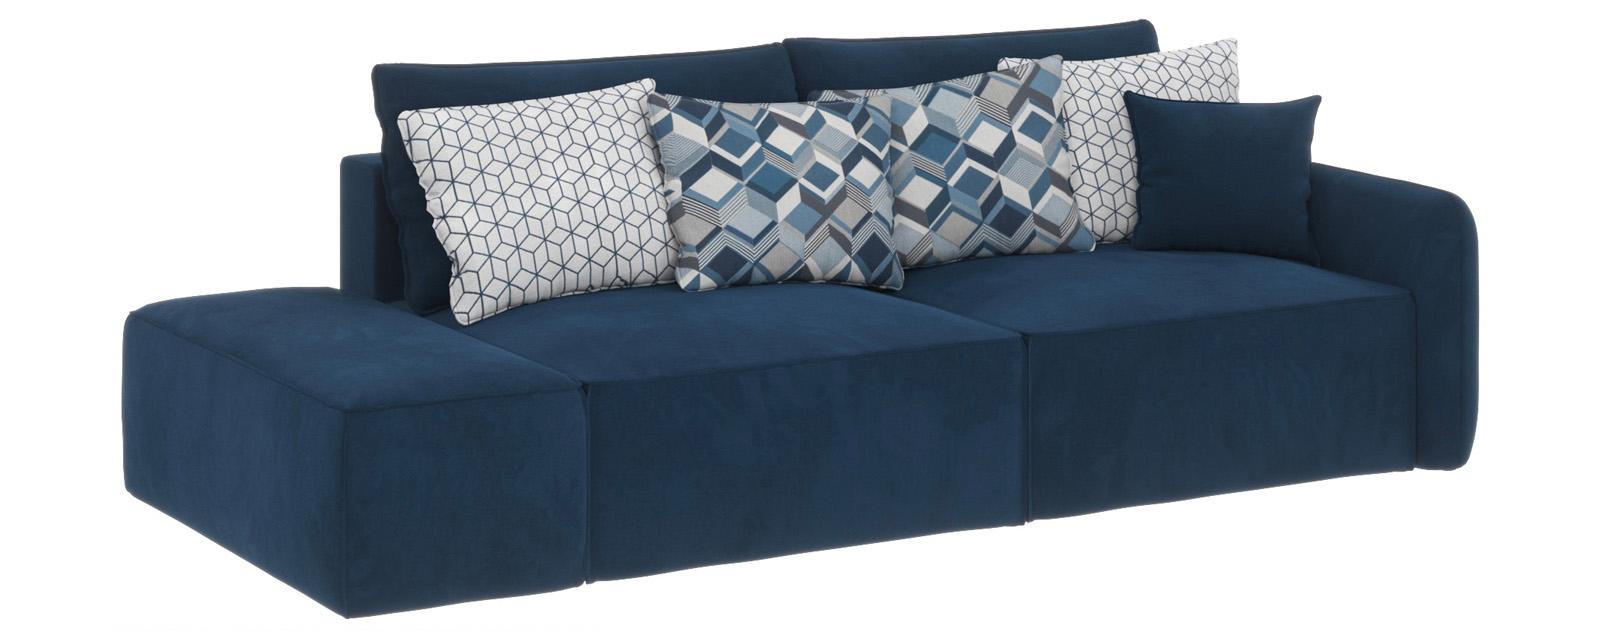 Купить Модульный диван Портленд вариант №2 Soft тёмно-синий (Вел-флок), HomeMe, Тёмно-синий